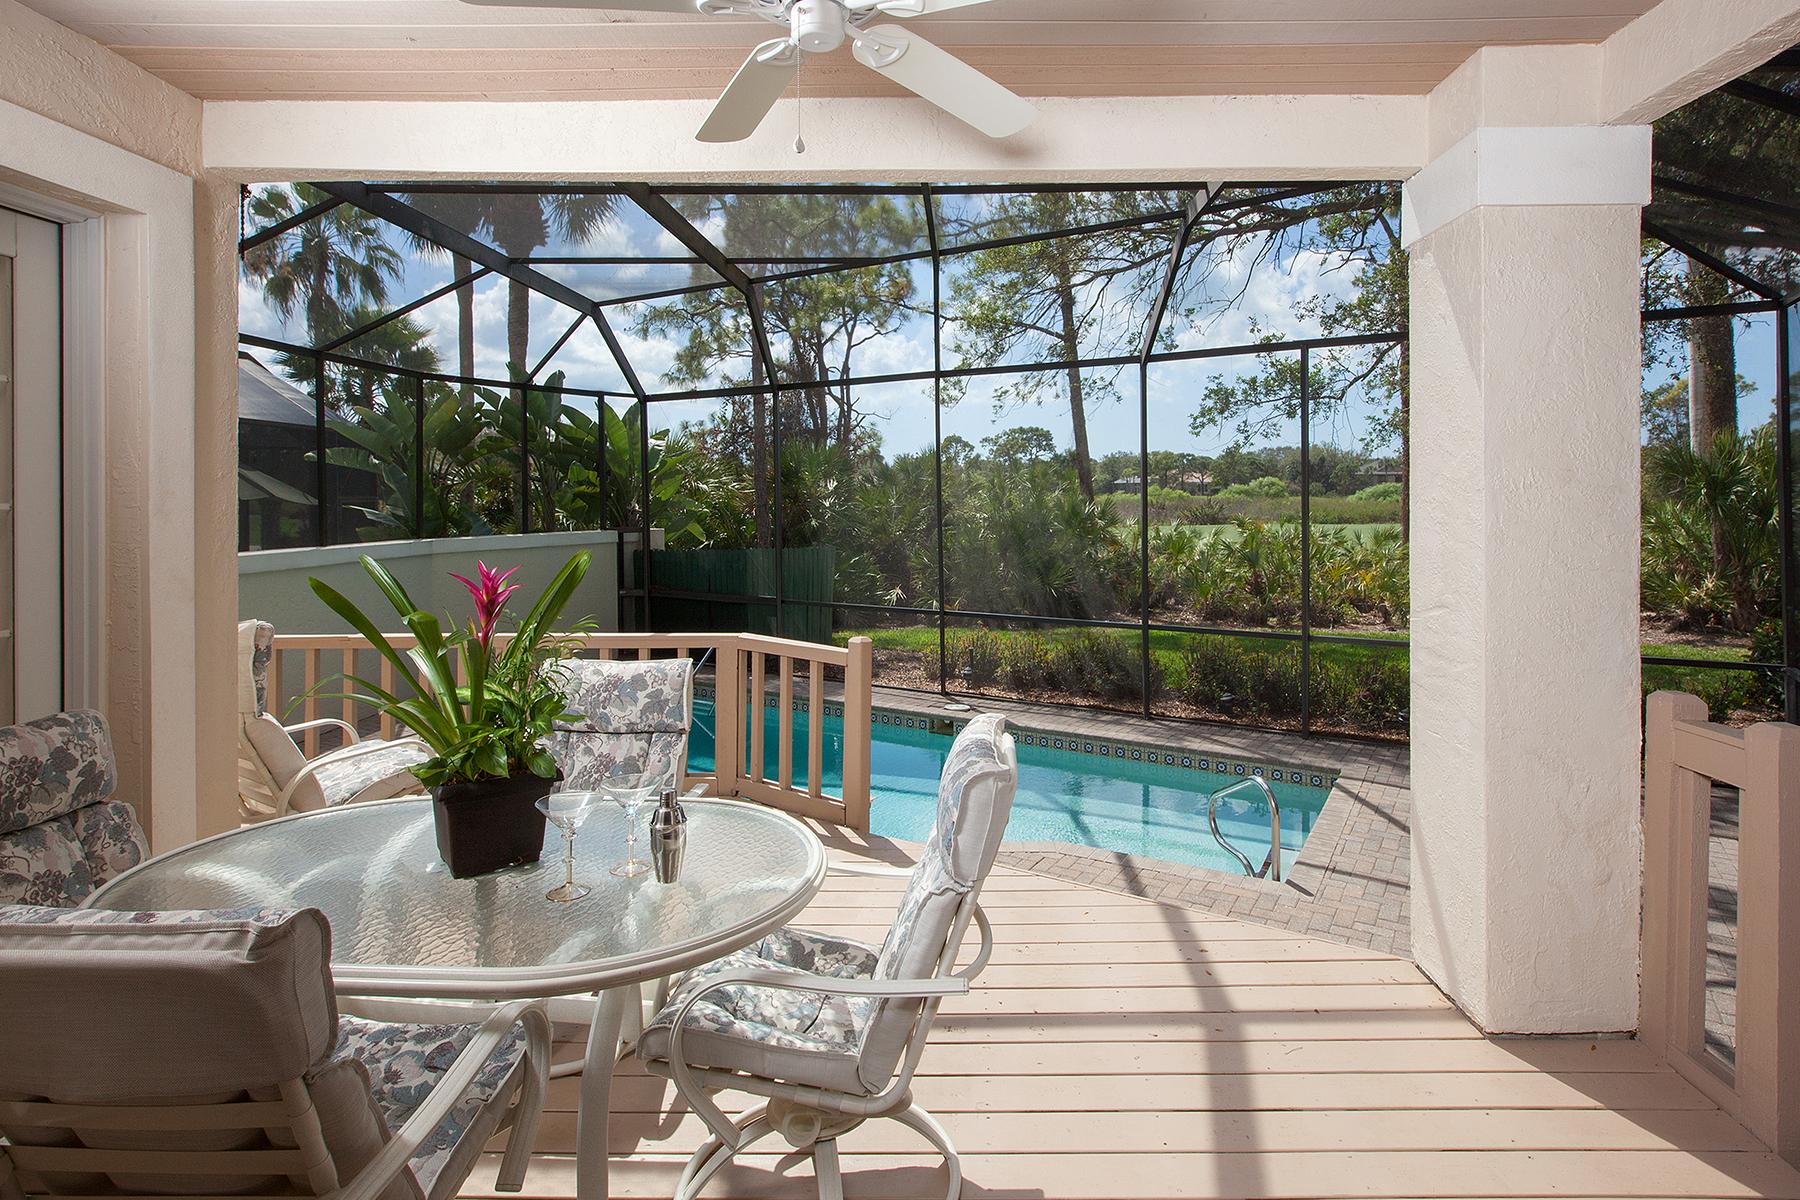 Tek Ailelik Ev için Satış at BONITA BAY - ENCLAVE 27100 Enclave Dr Bonita Springs, Florida, 34134 Amerika Birleşik Devletleri